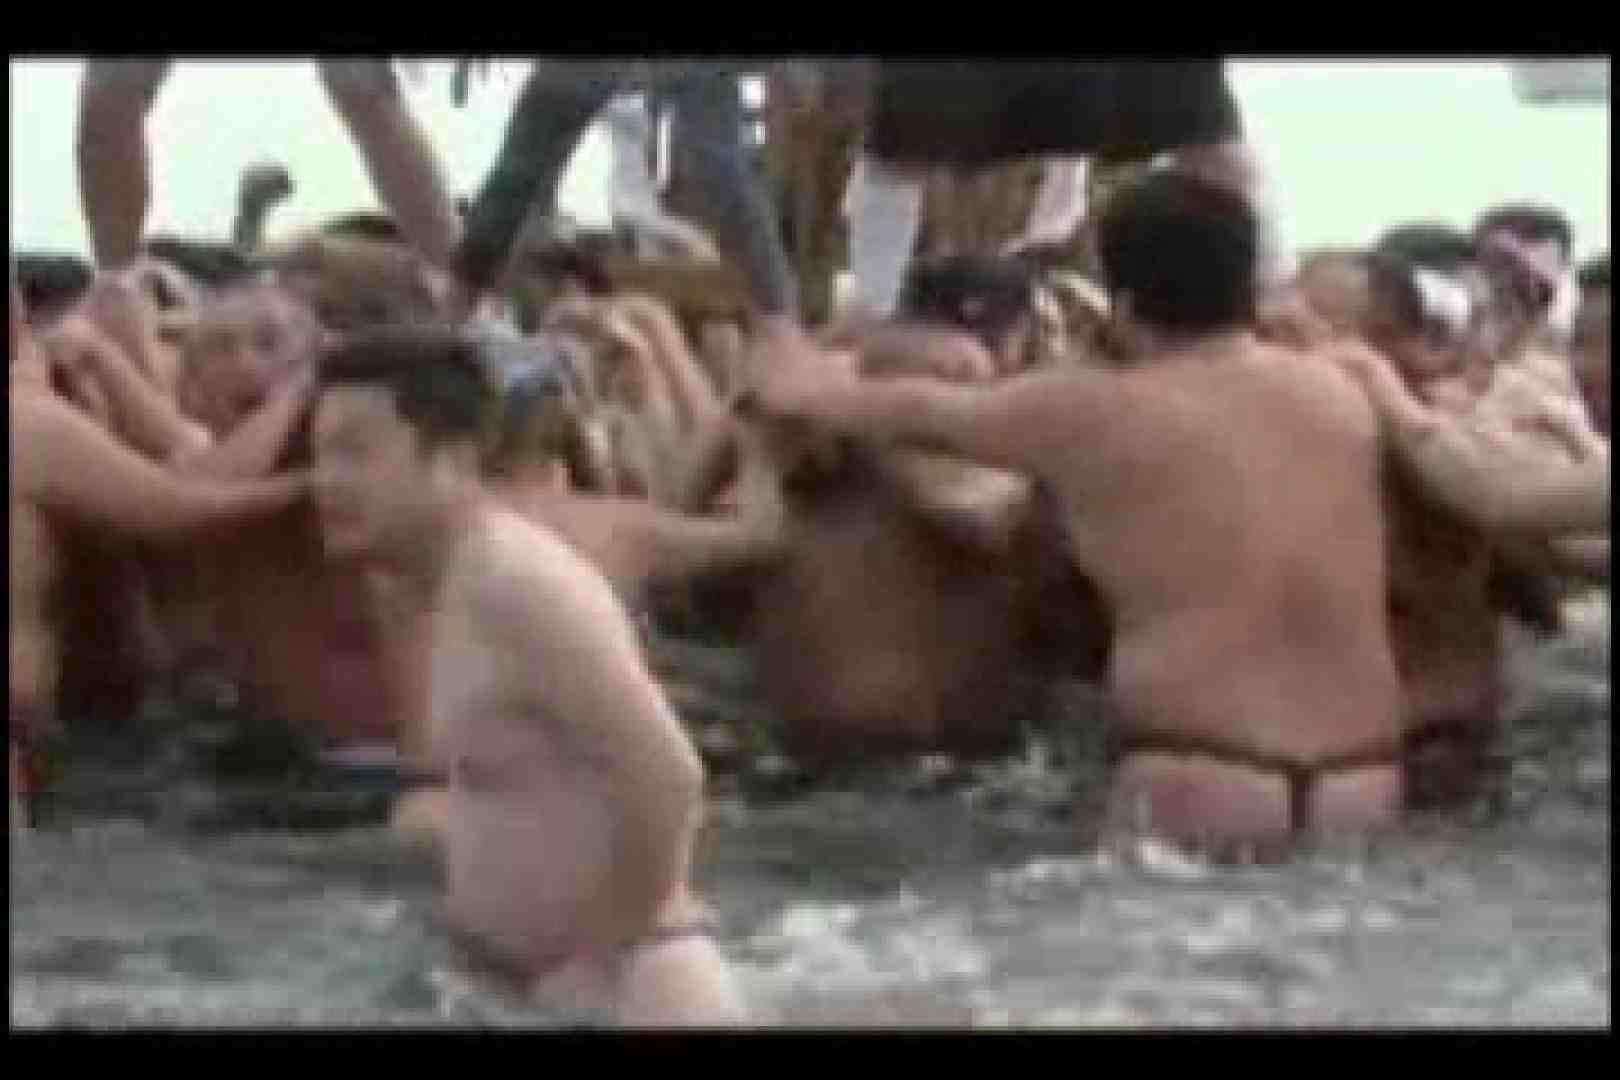 陰間茶屋 男児祭り VOL.2 野外露出セックス   ペニス特集 ゲイ素人エロ画像 96枚 37